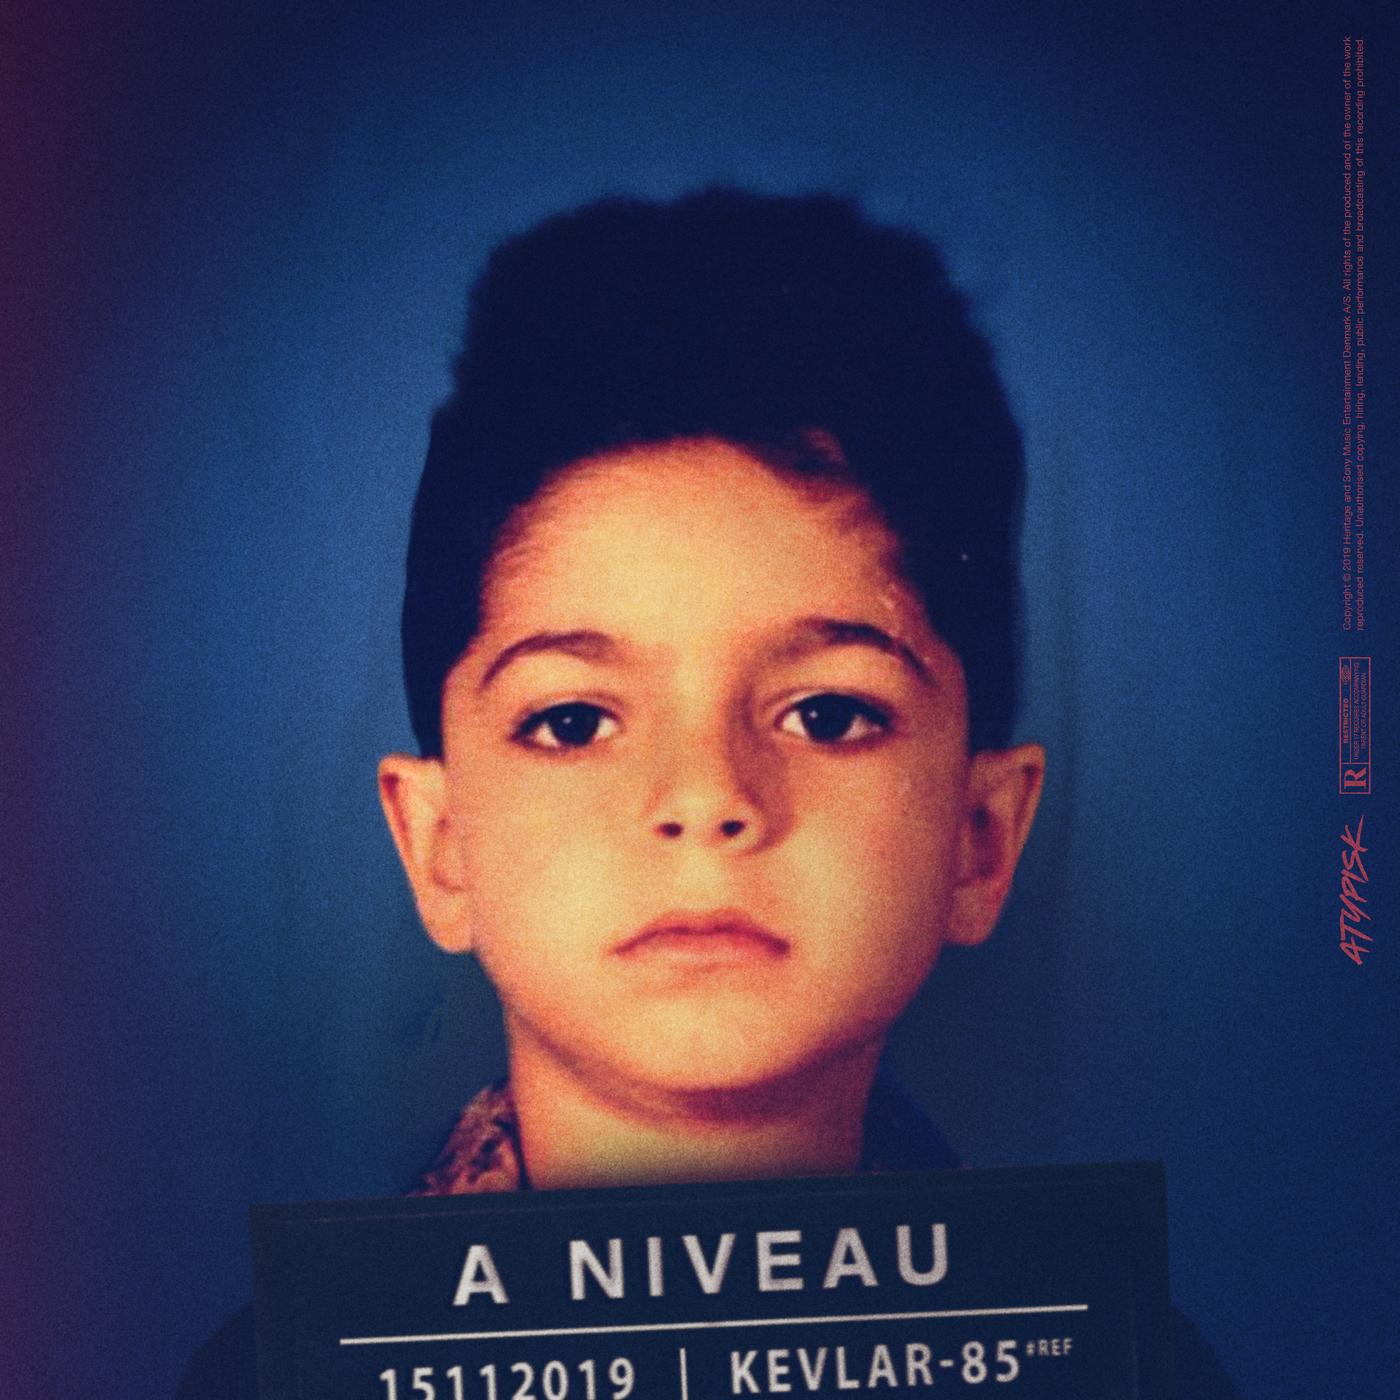 A NIVEAU - ATYPISK